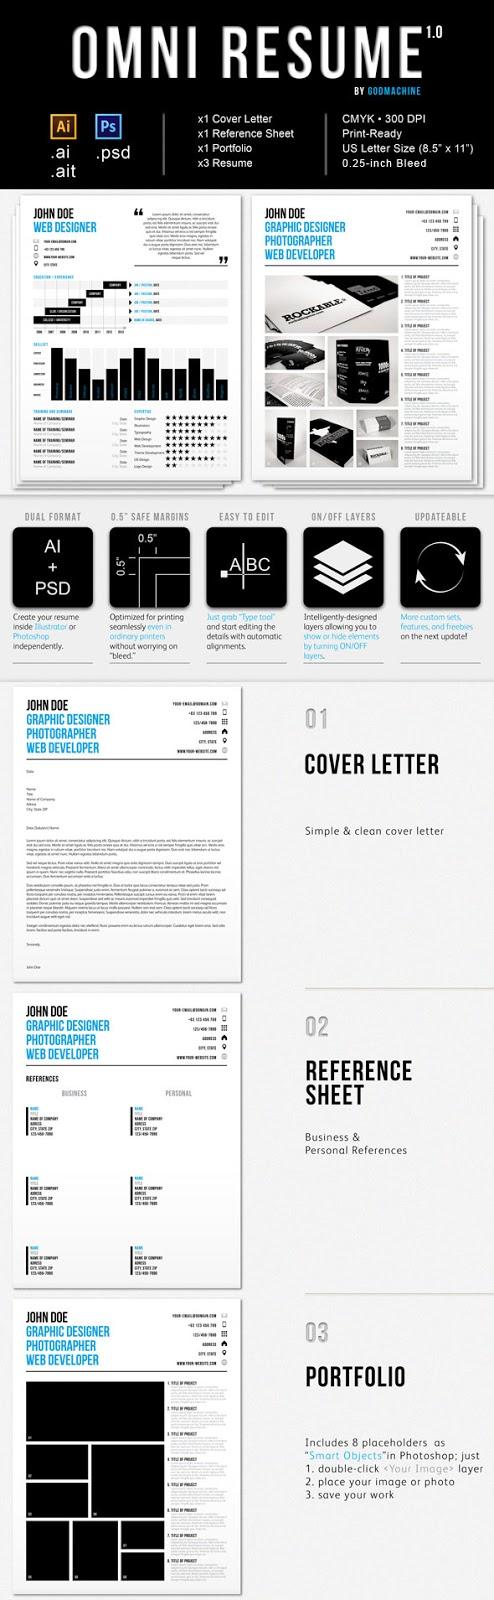 Pin von pabloperez auf Curriculum Vitae | Pinterest | Kreativ ...